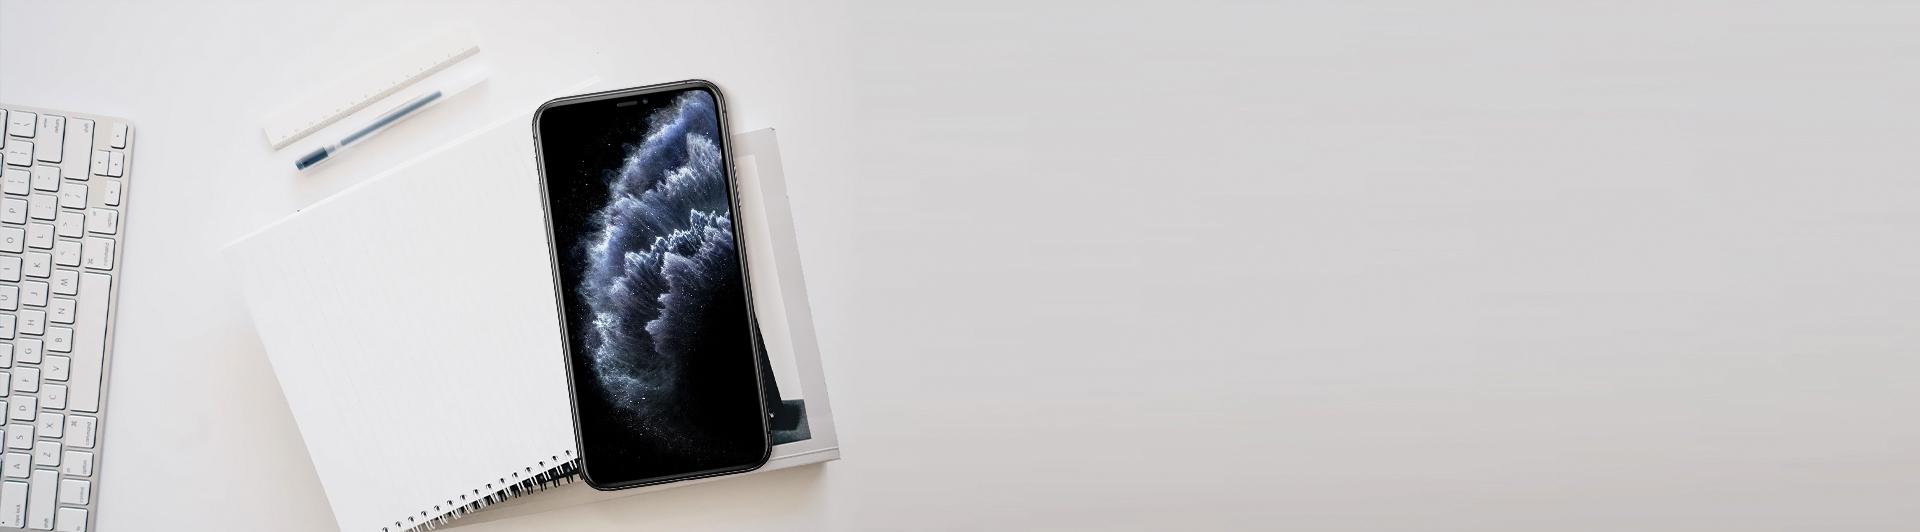 Điện thoại iPhone 11 Pro Max 256GB Xám